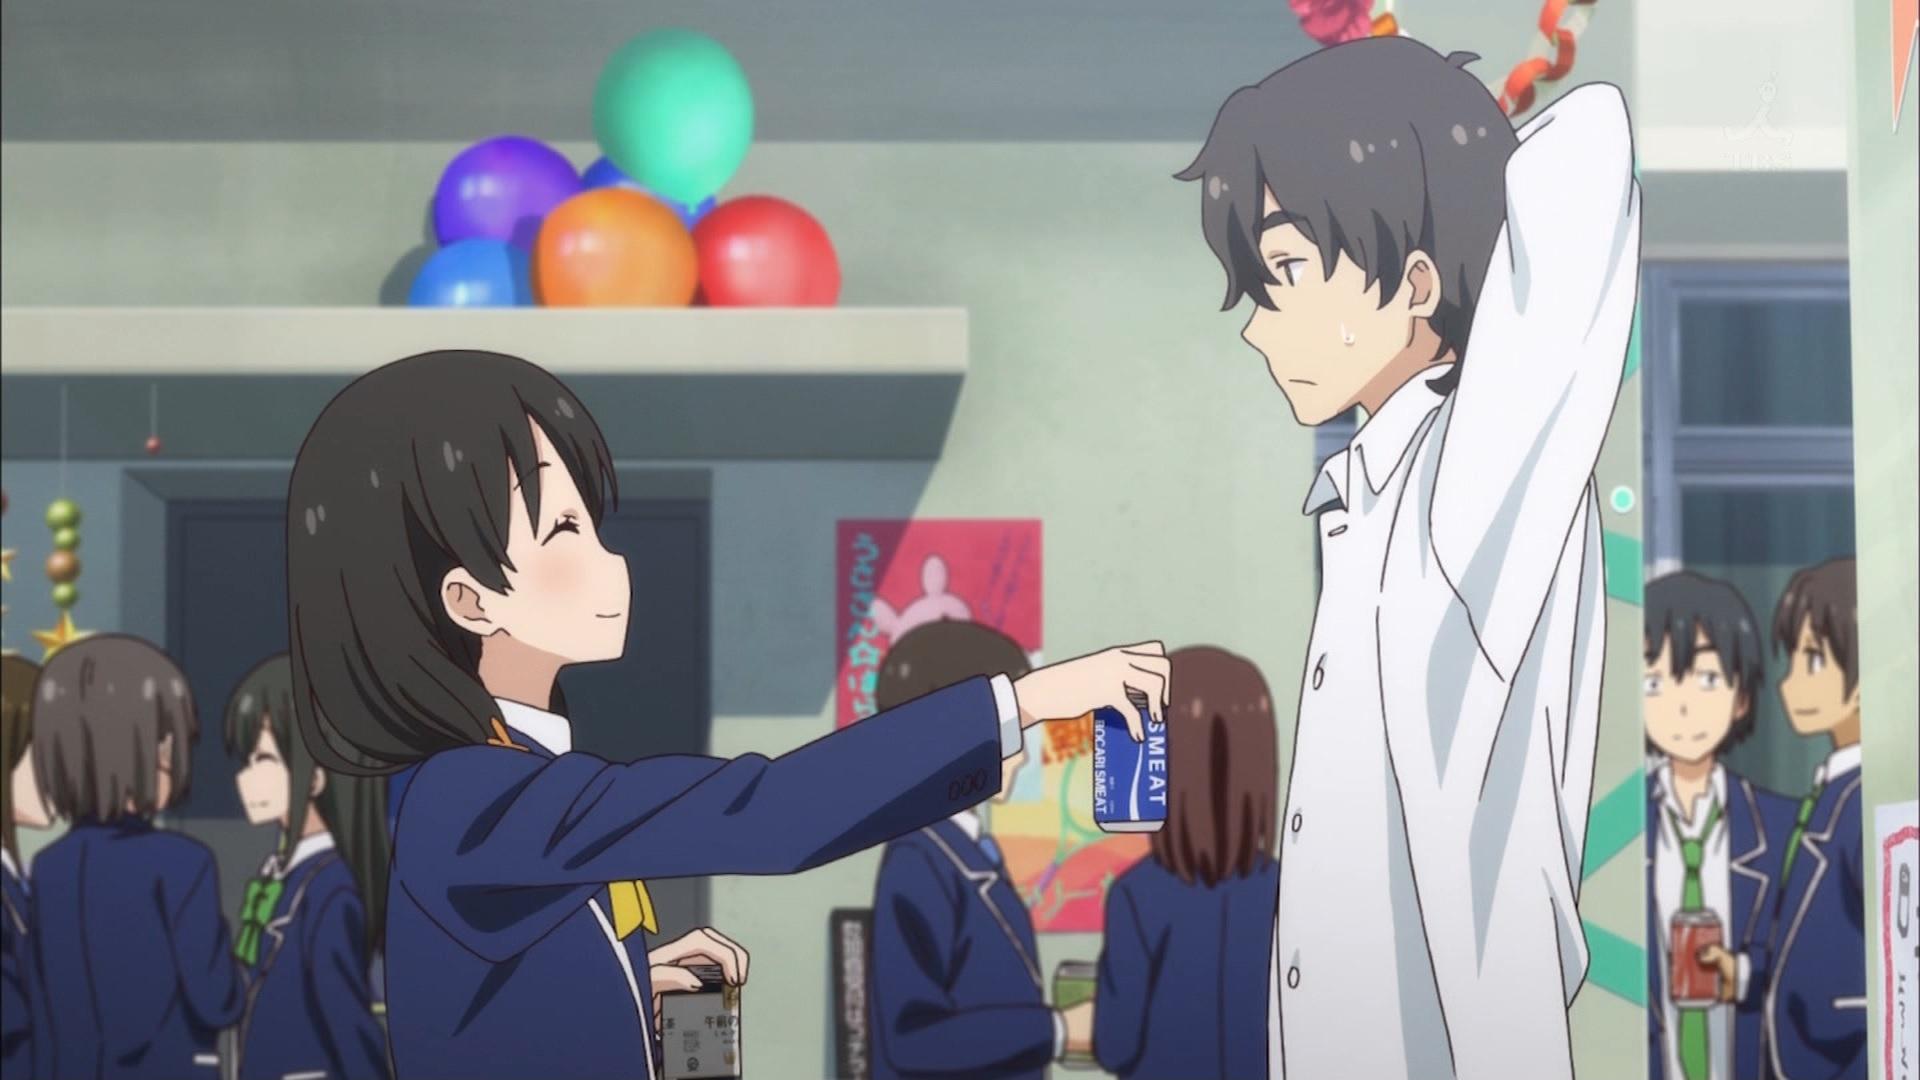 女の子からジュースを貰う部長